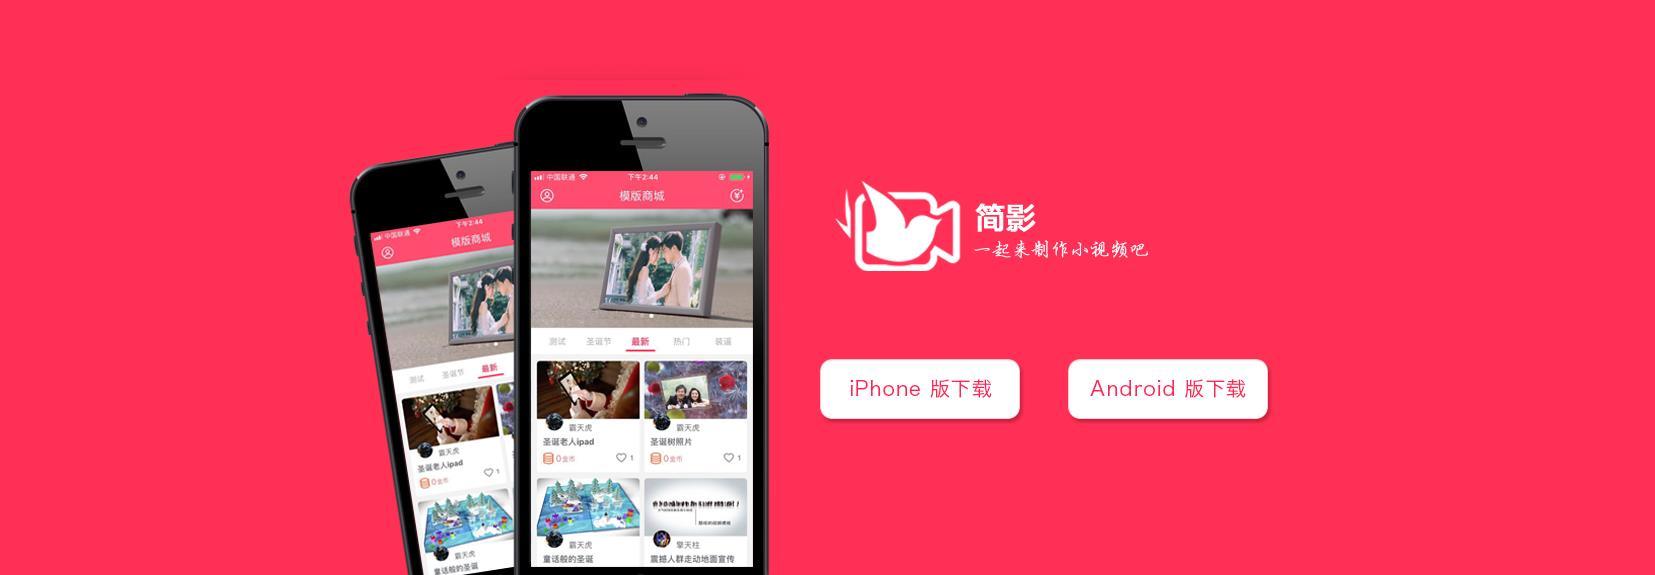 简影app专区